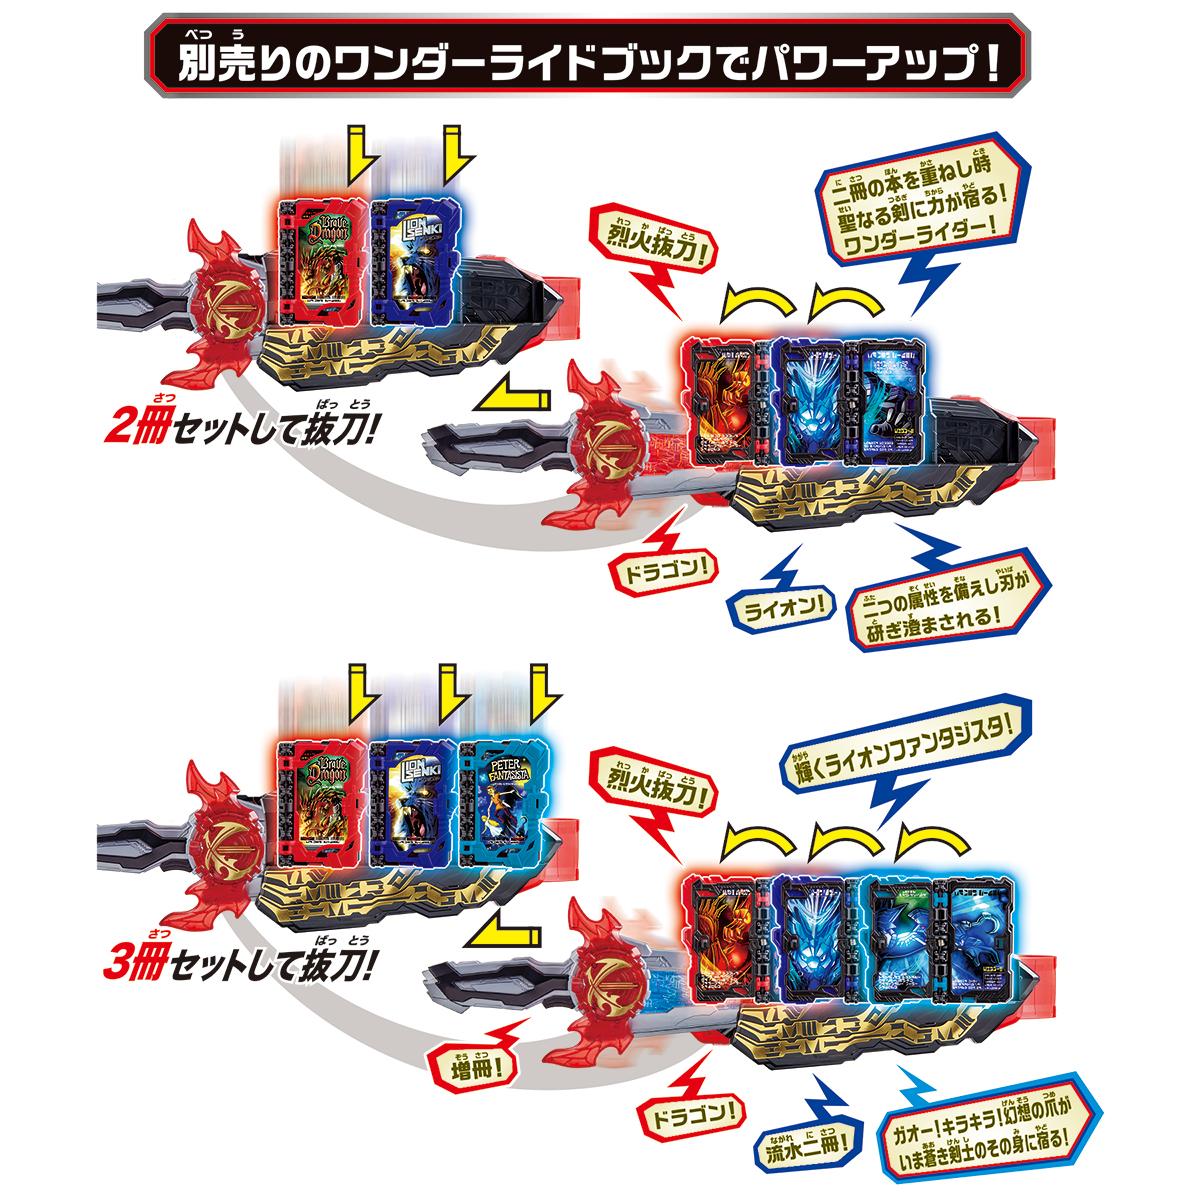 【先行抽選販売】変身ベルト『DX聖剣ソードライバー』仮面ライダーセイバー 変身なりきり-008